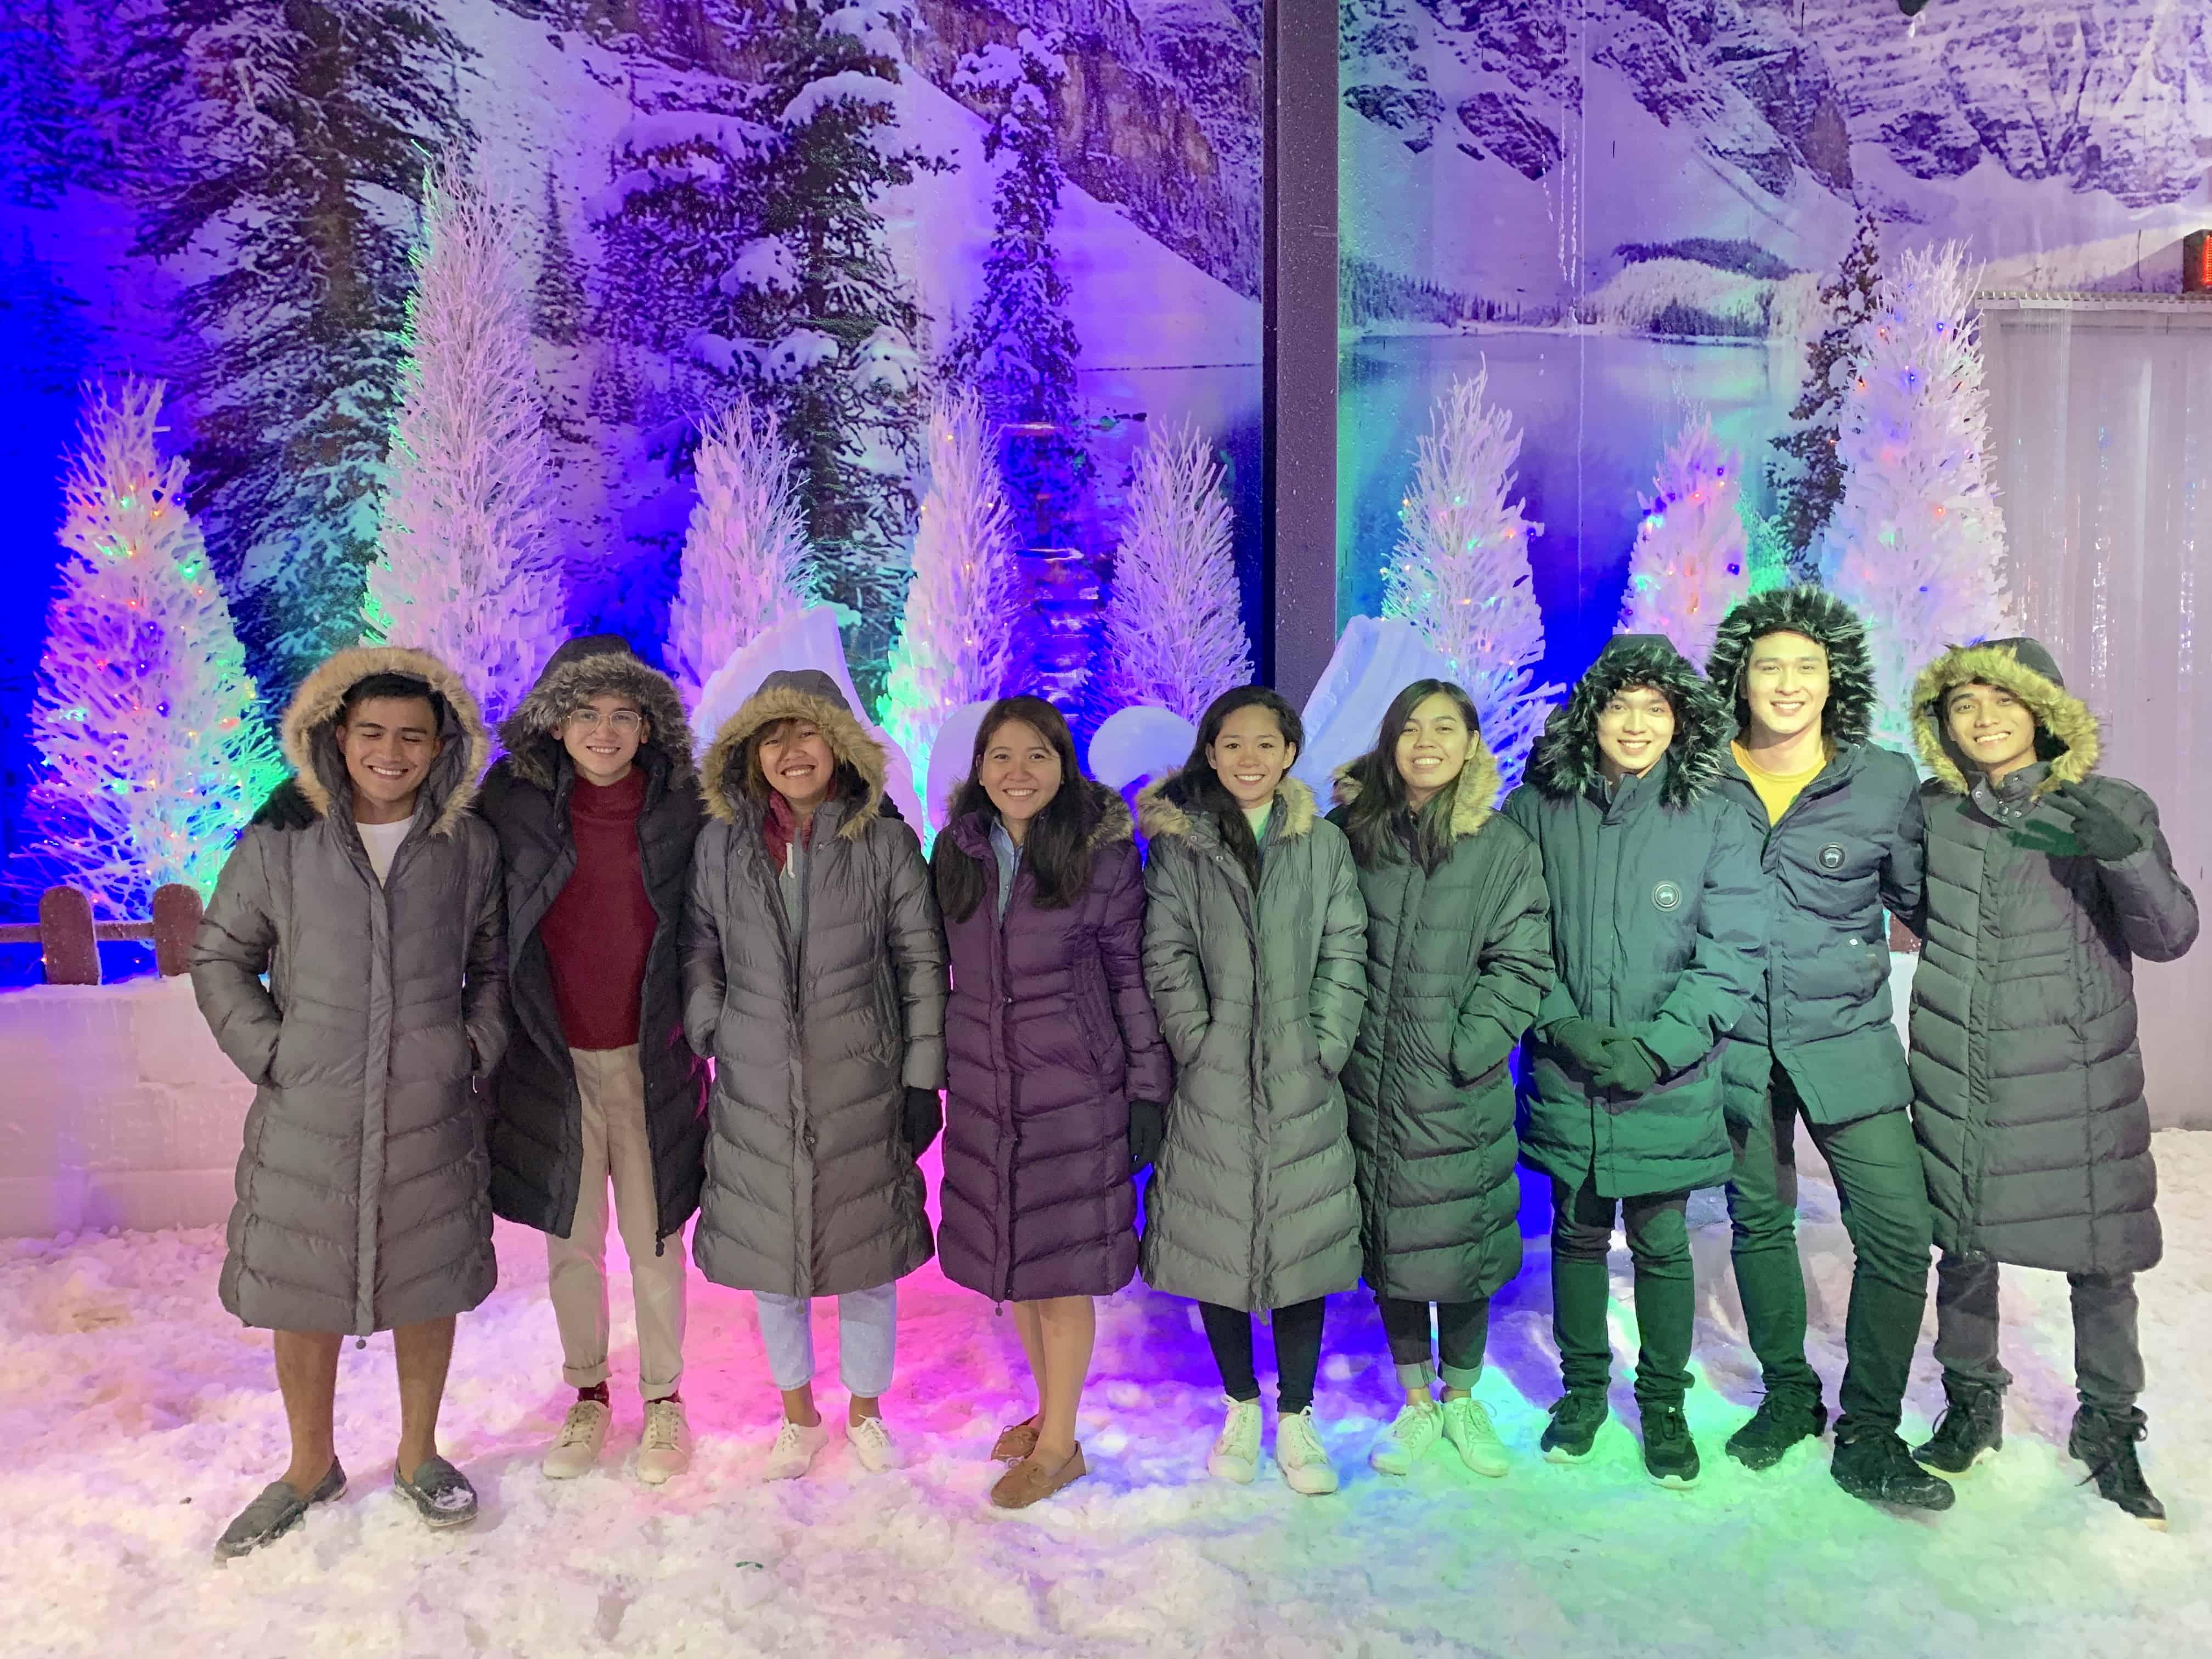 Snow World Cebu Actual Photos (8)